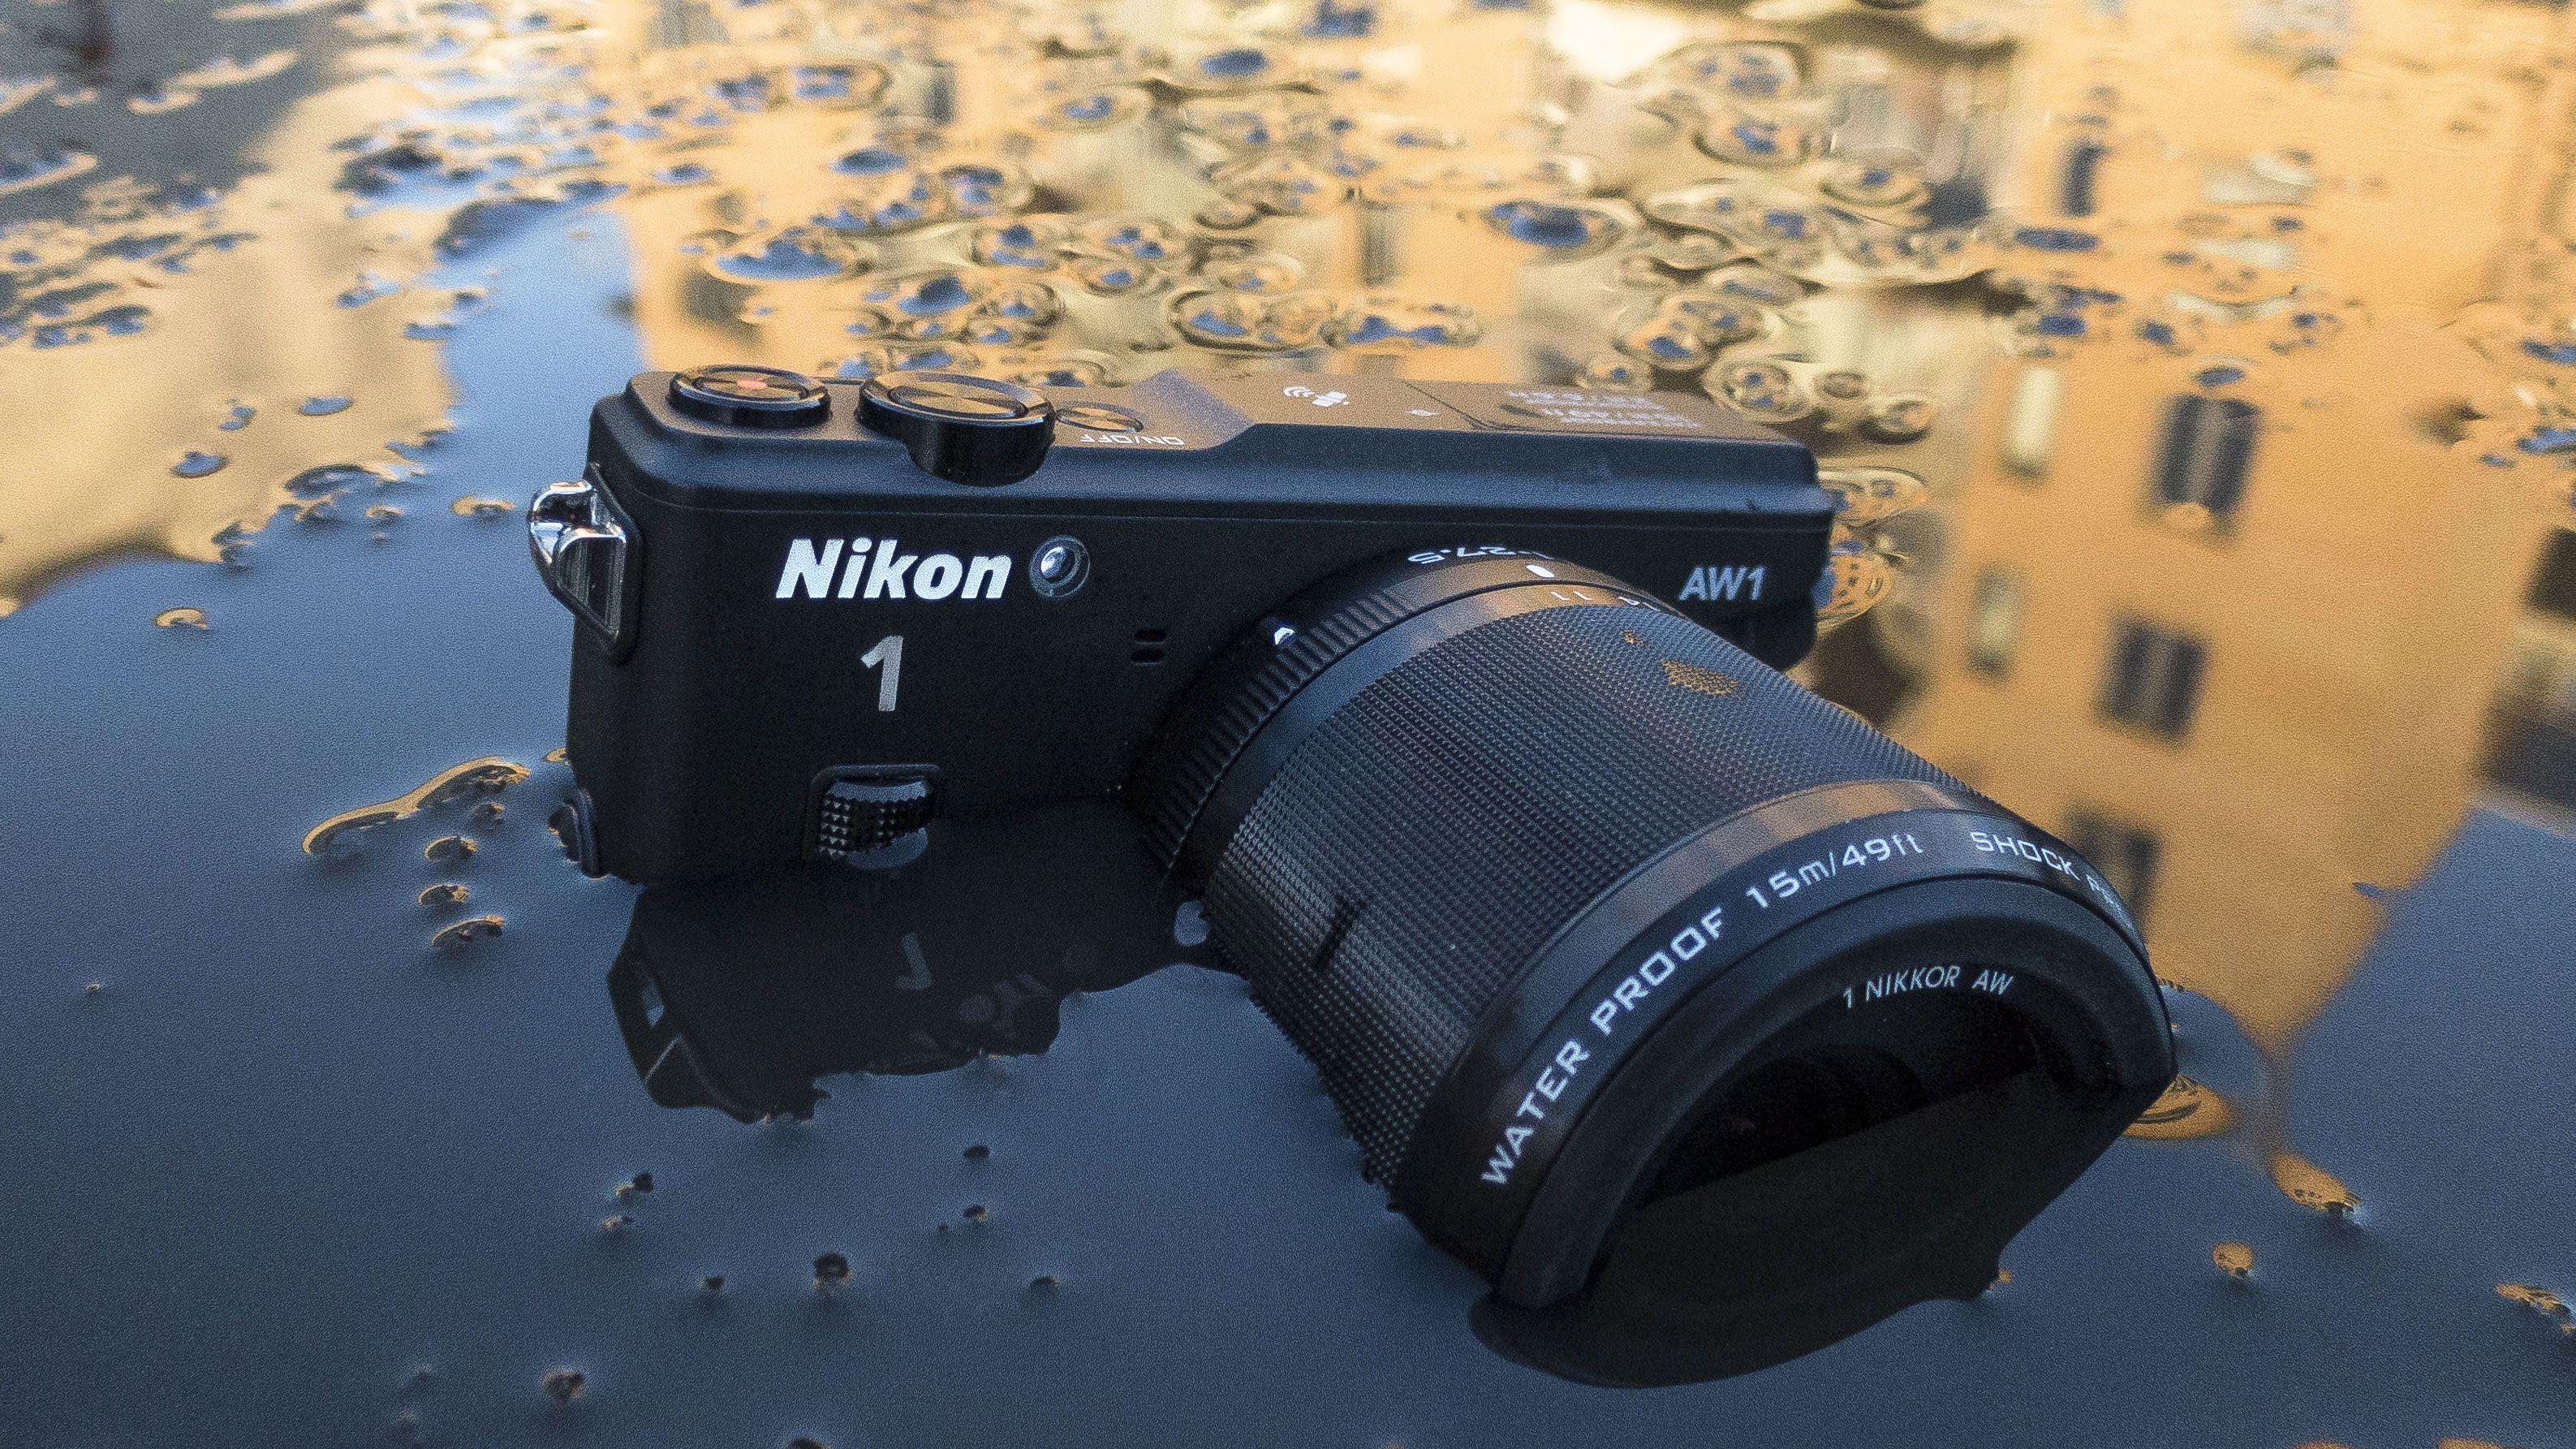 Nikon 1 AW1: Huffa, hva har skjedd her? .Foto: Stig Øyvann / Akam.no